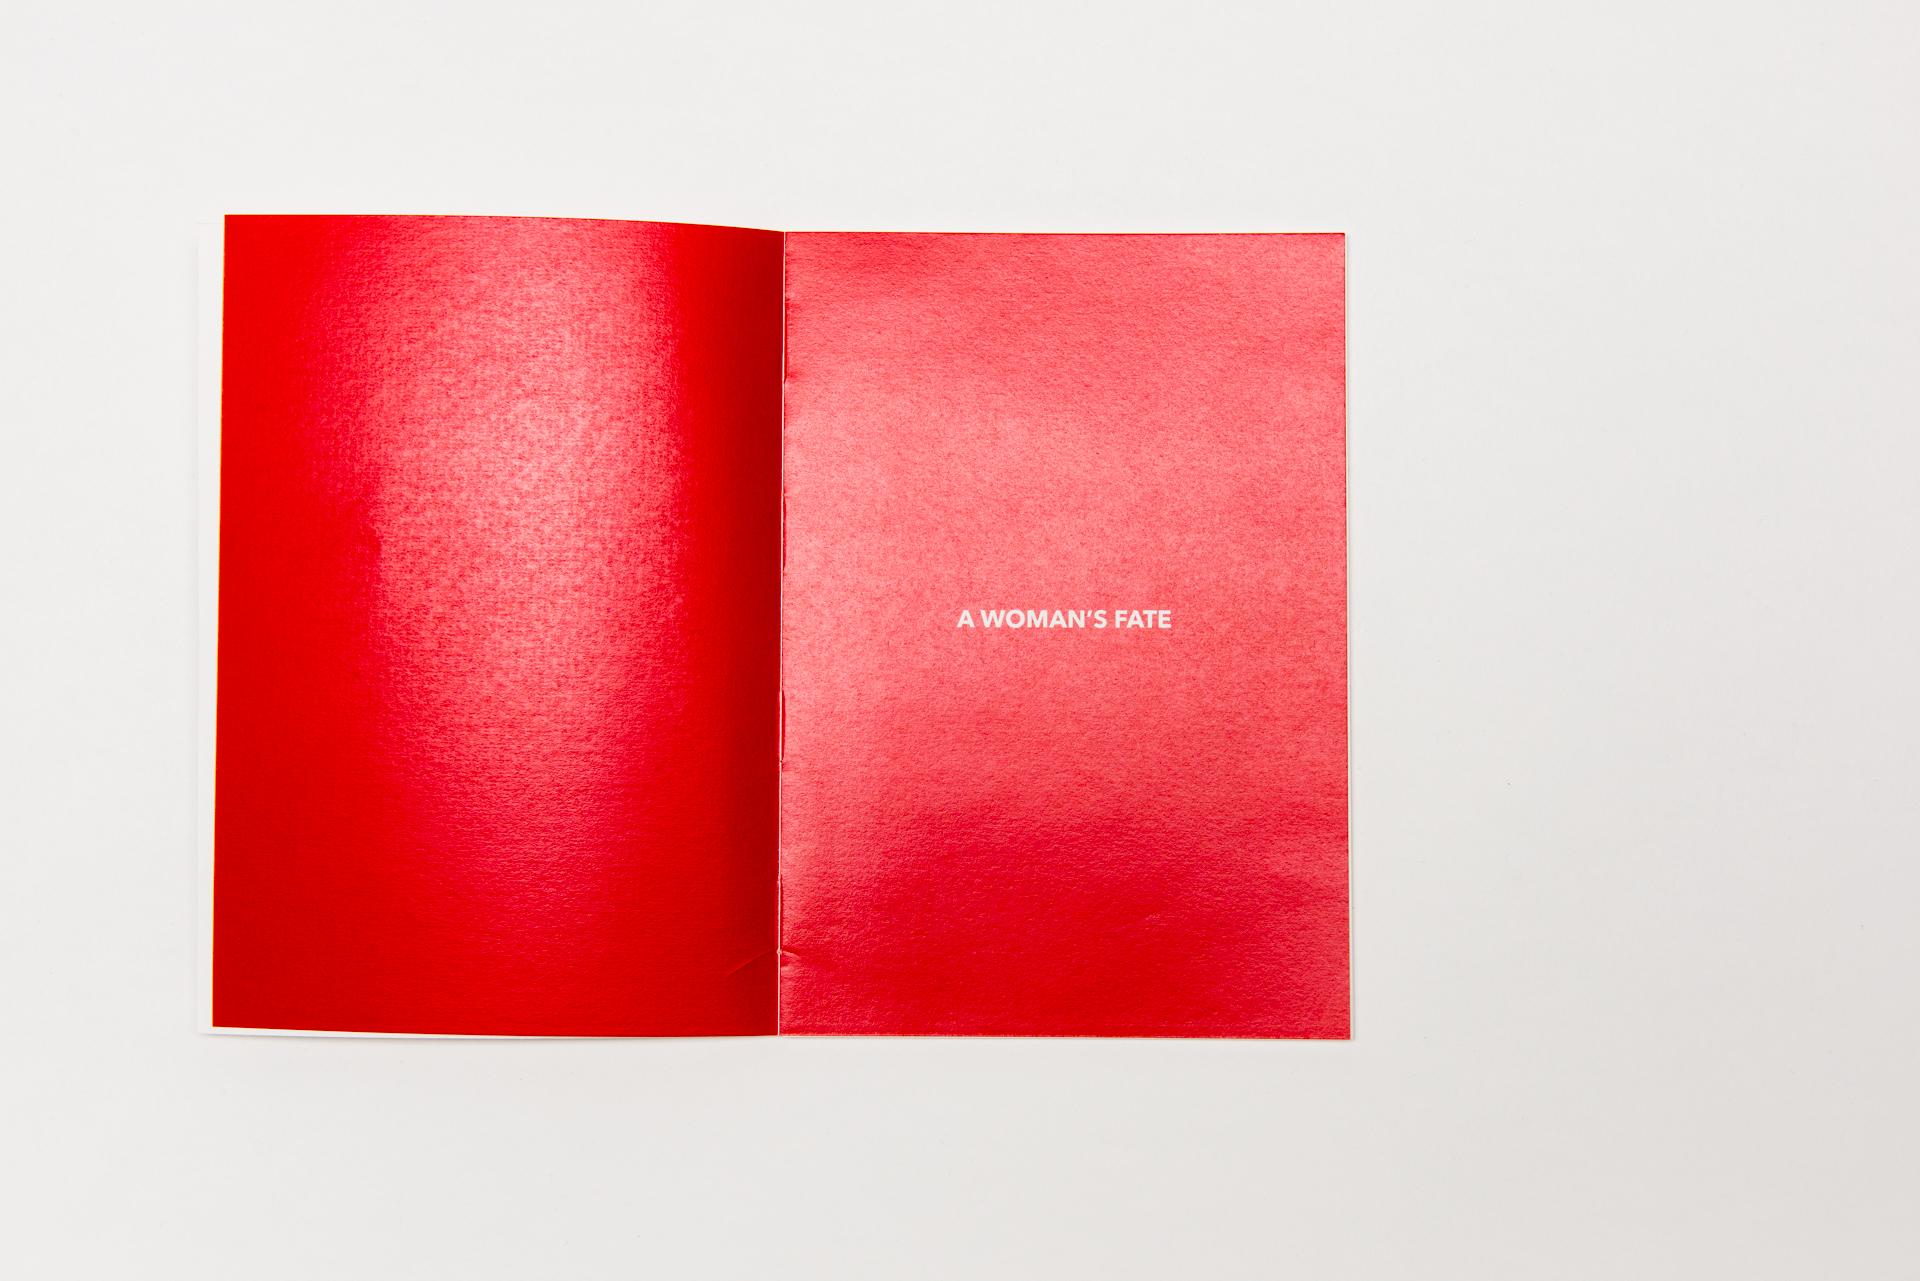 20151113-book-3.jpg